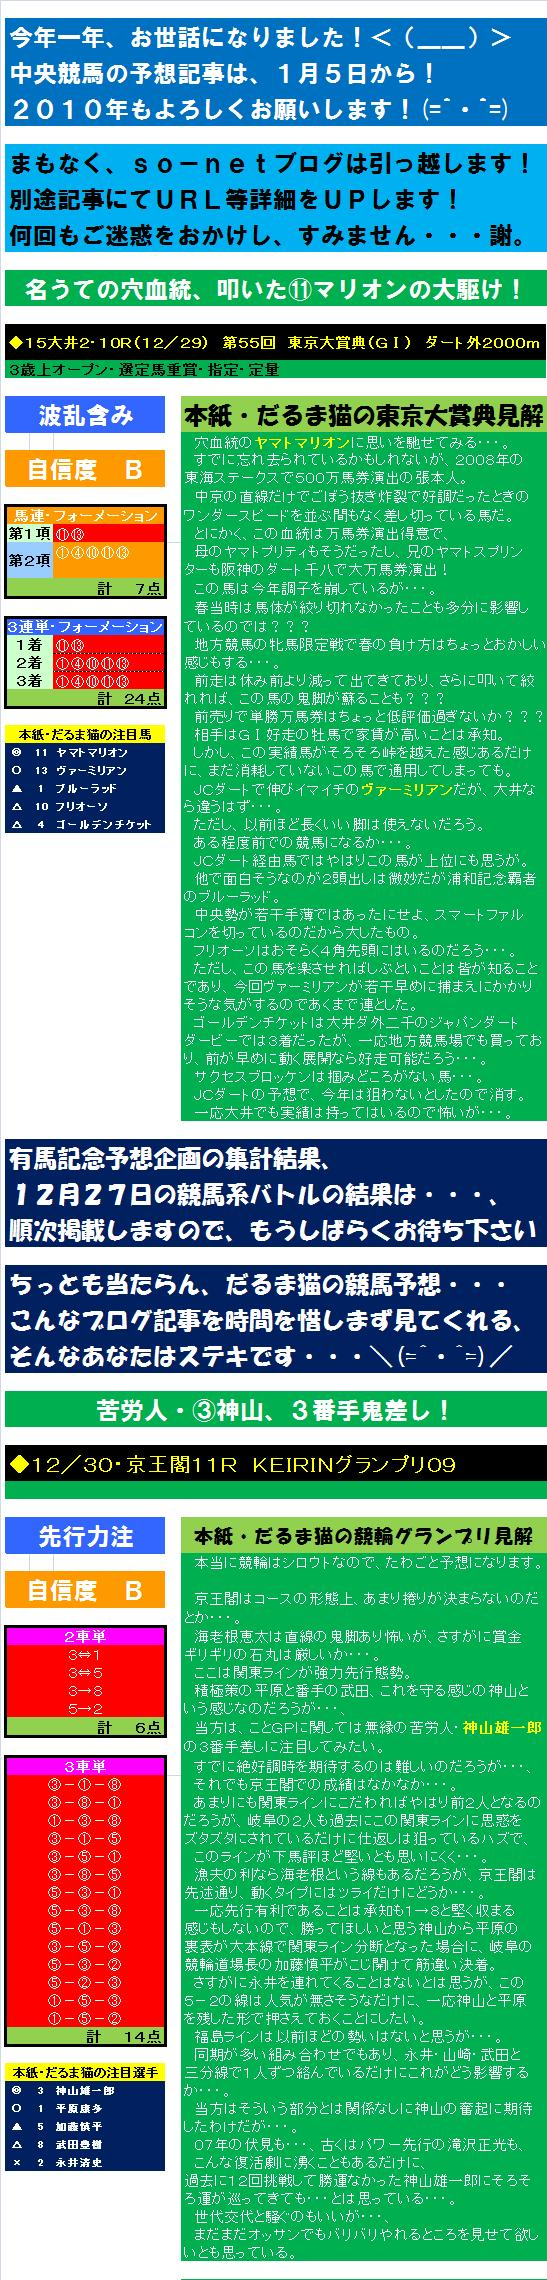 20091229・ドシロウト2R予想見解.jpg